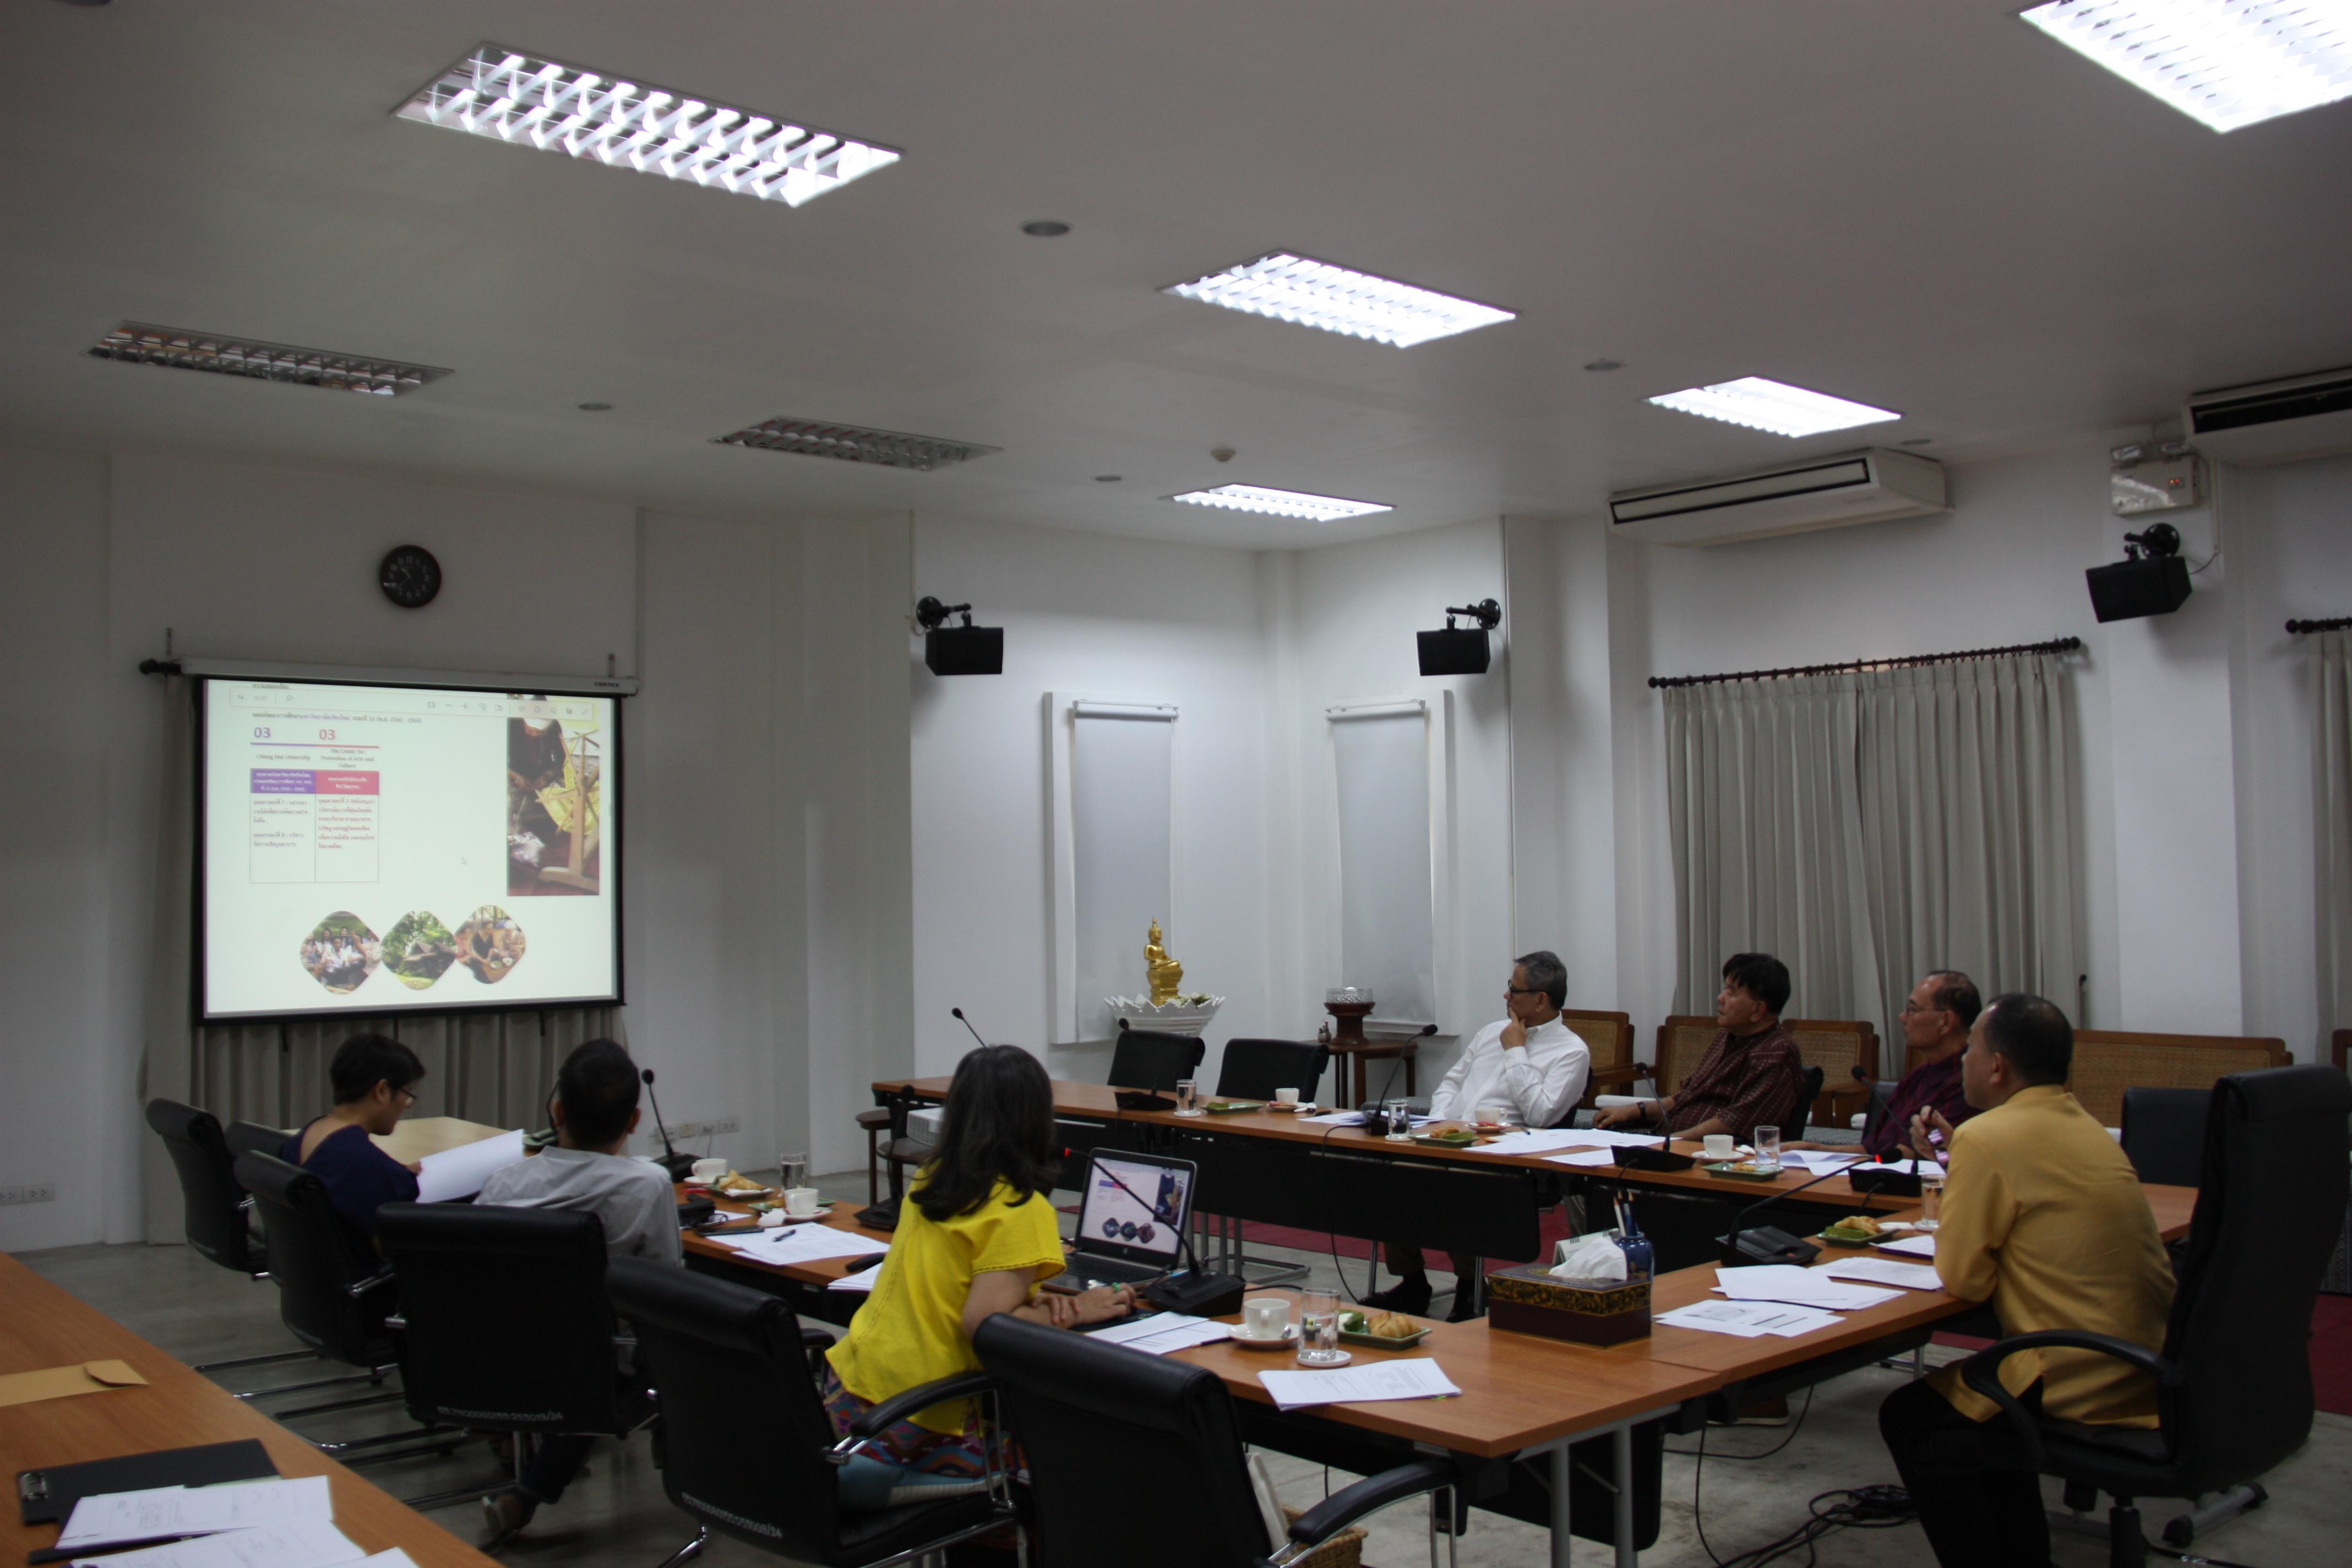 การประชุมคณะกรรมการอำนวยการประจำสำนักส่งเสริมศิลปวัฒนธรรม ครั้งที่ 2/2562